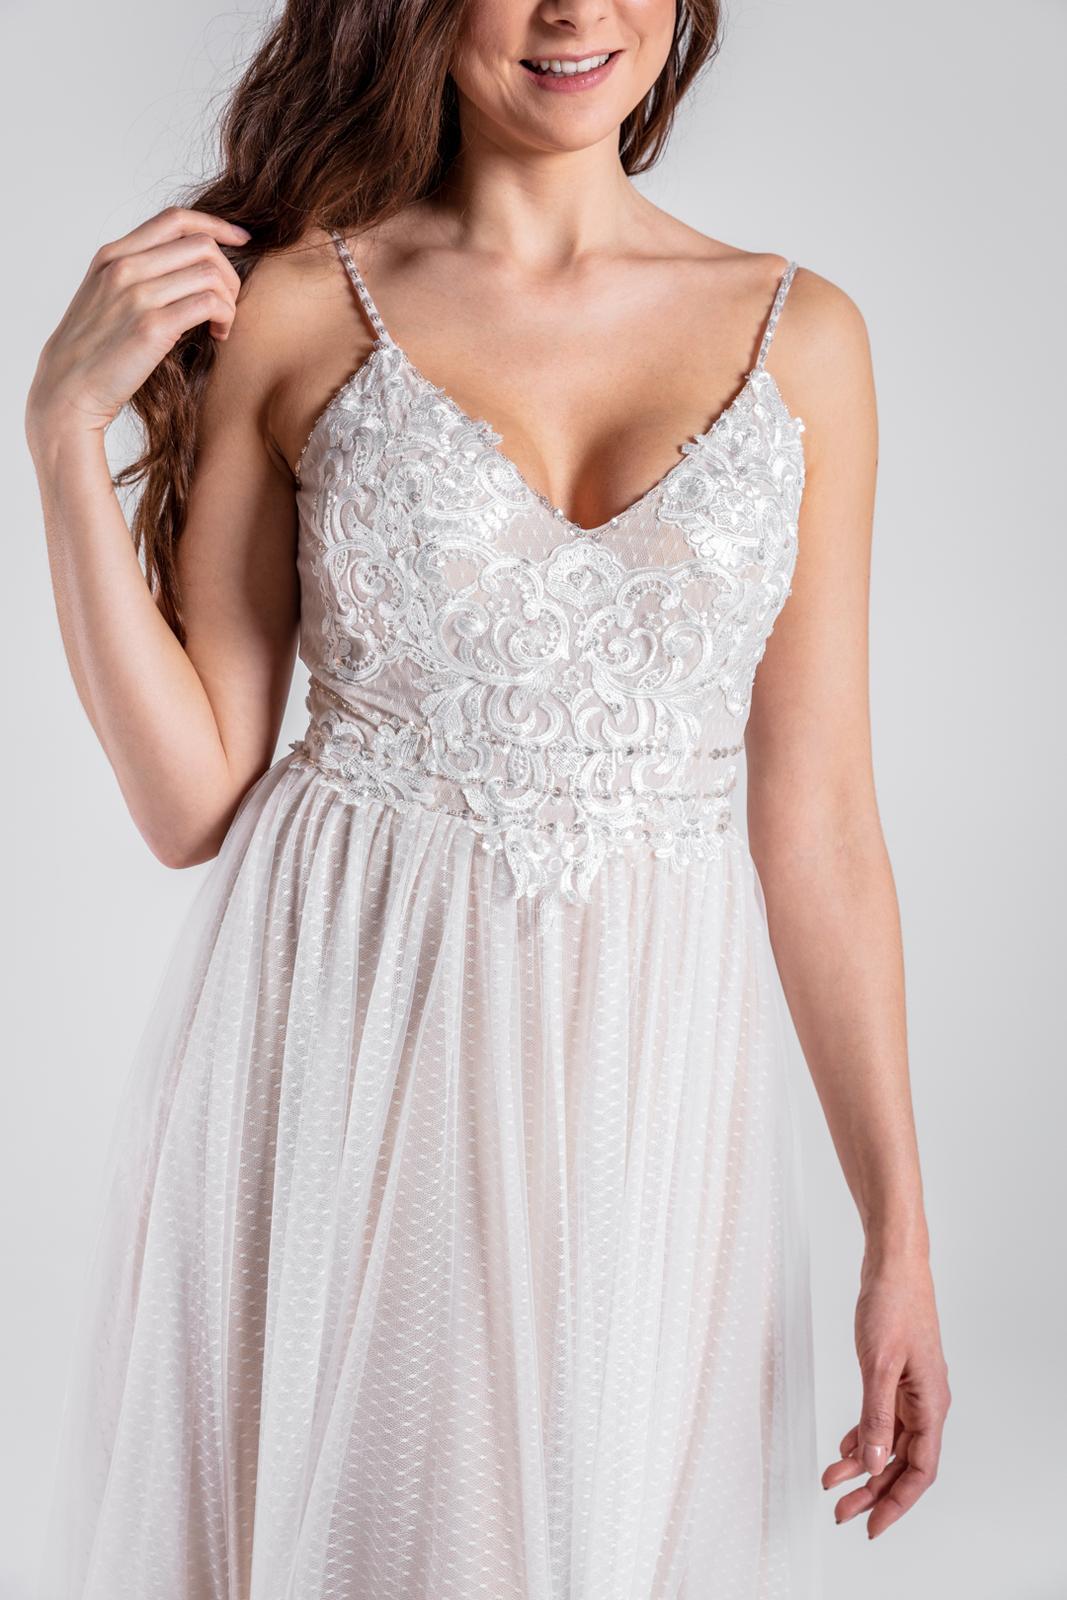 Lehoučké svatební šaty v boho stylu, vel 34-42 - Obrázek č. 1